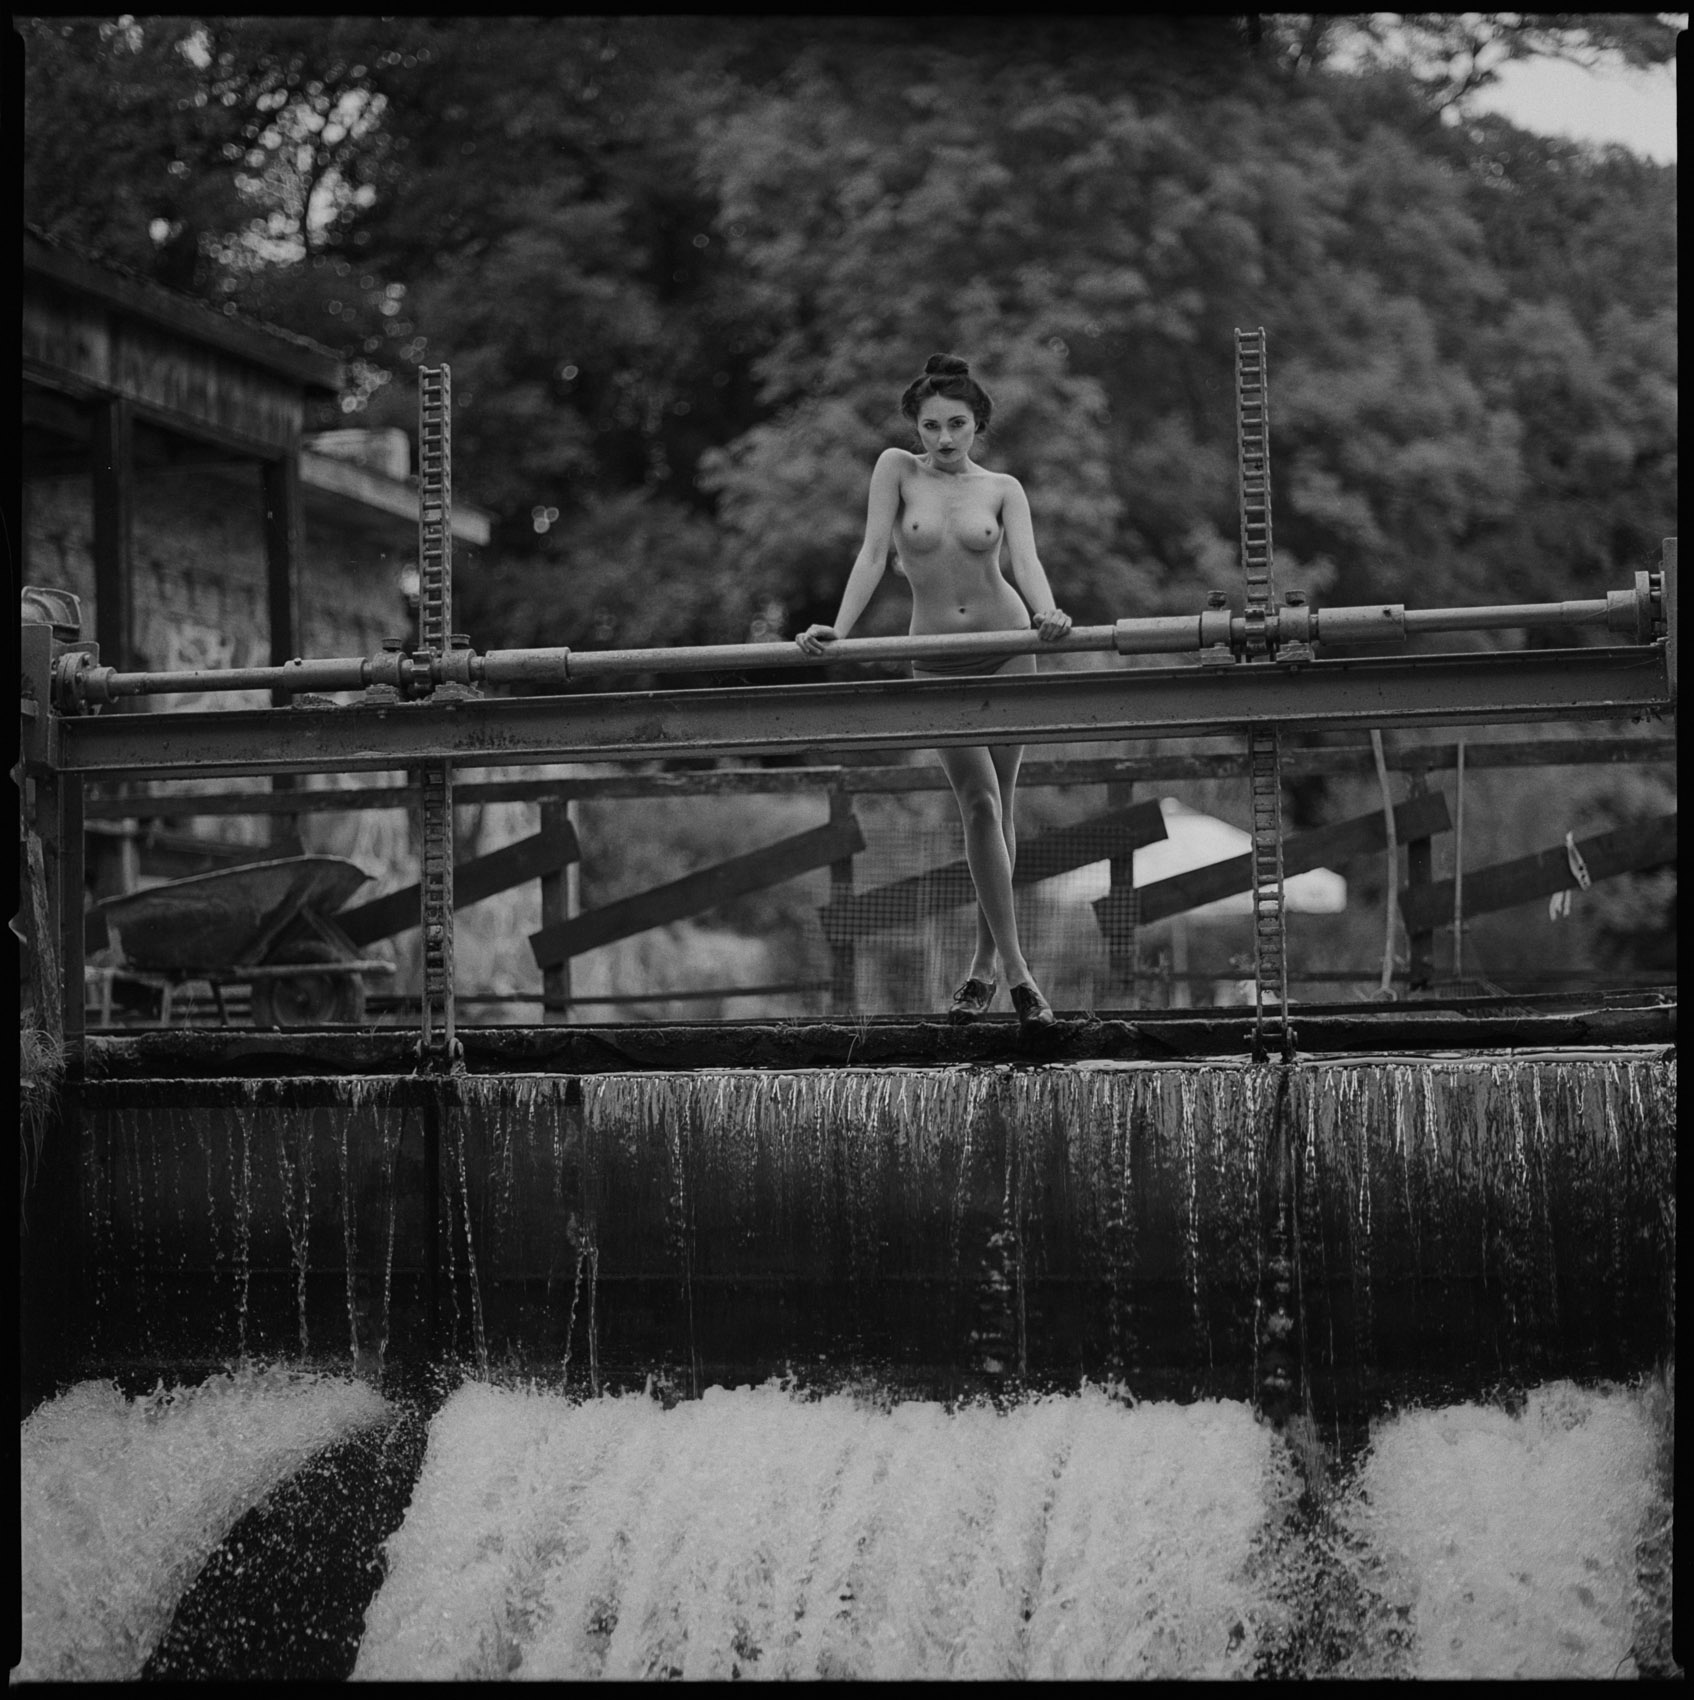 fotograf Radoslav Puyan 1